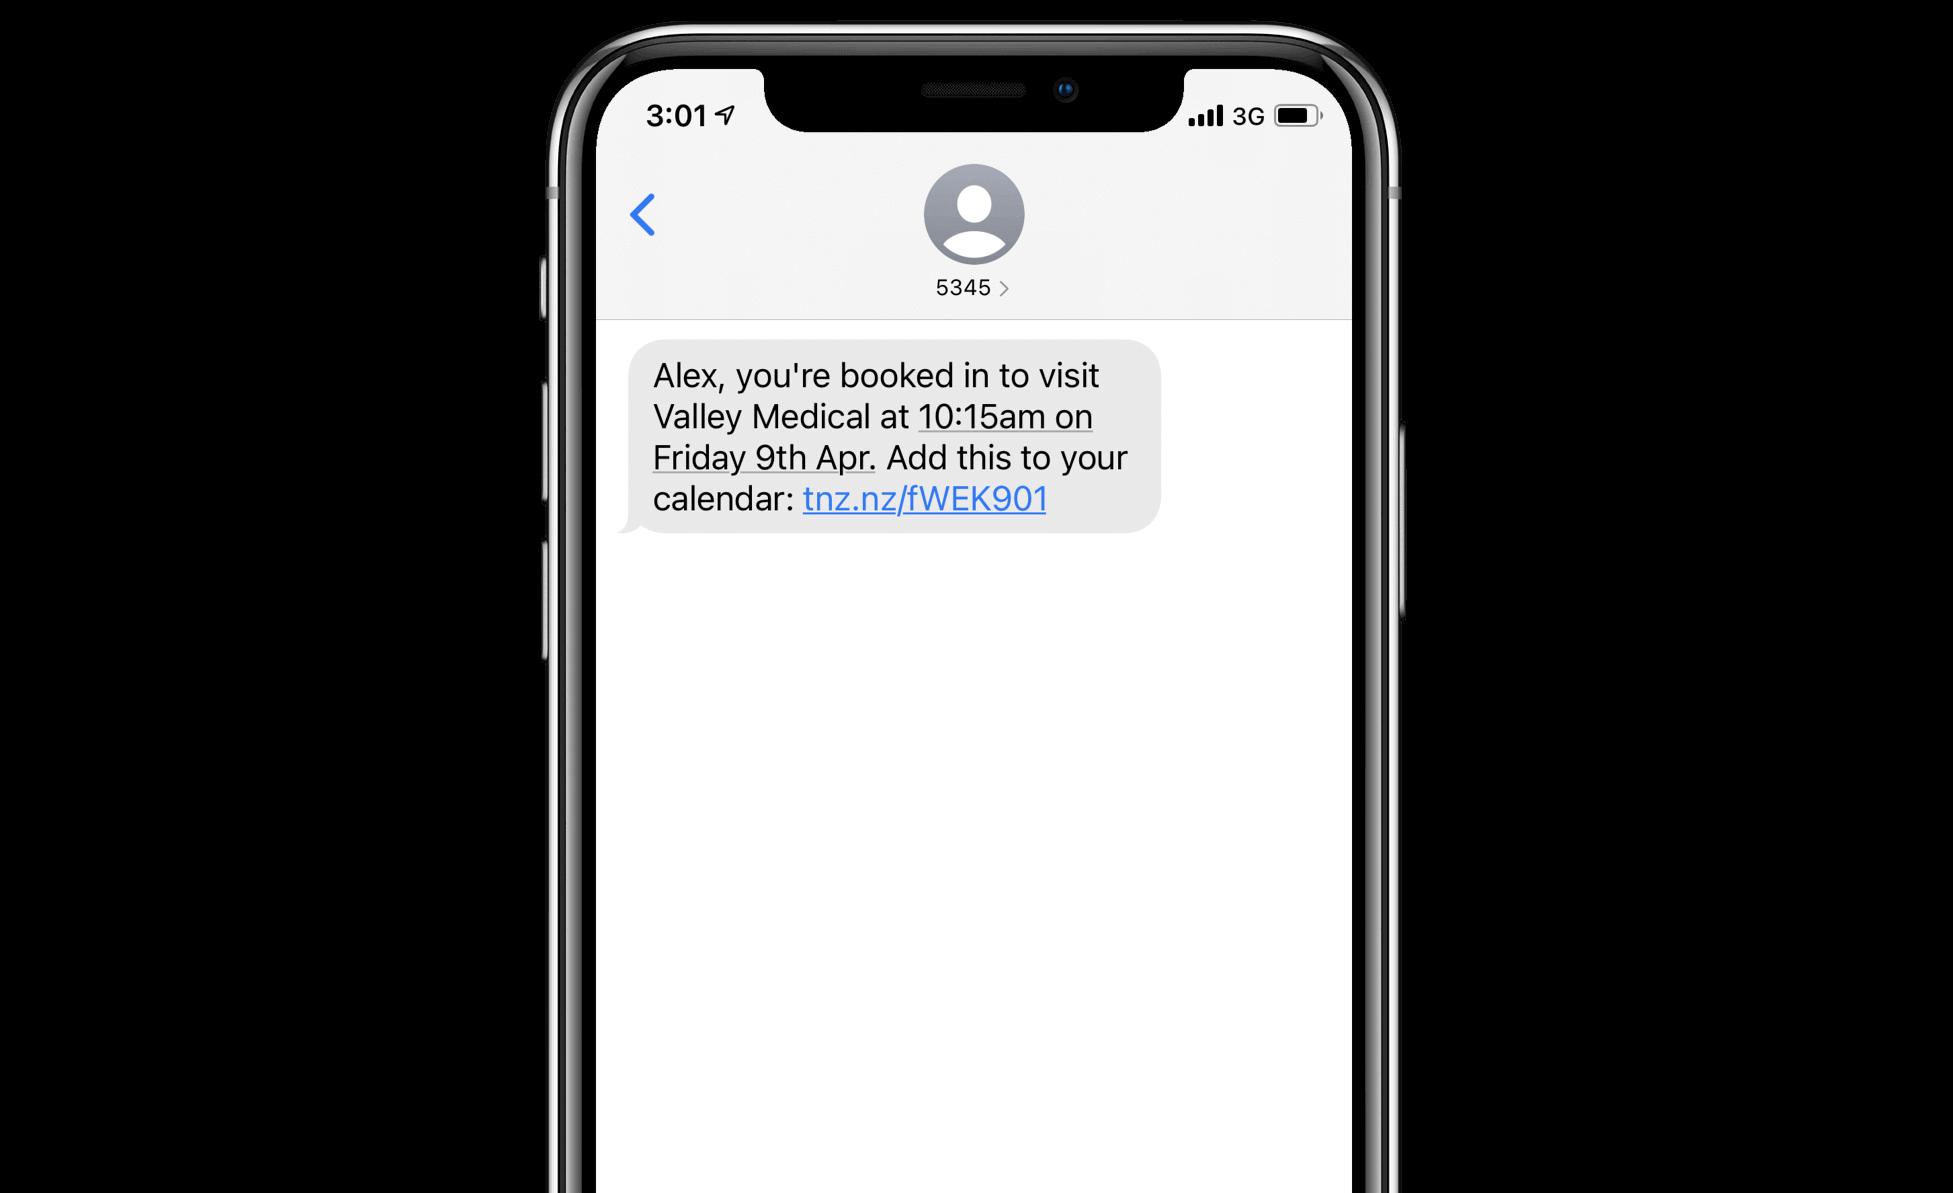 SMS Reminder with Calendar Link